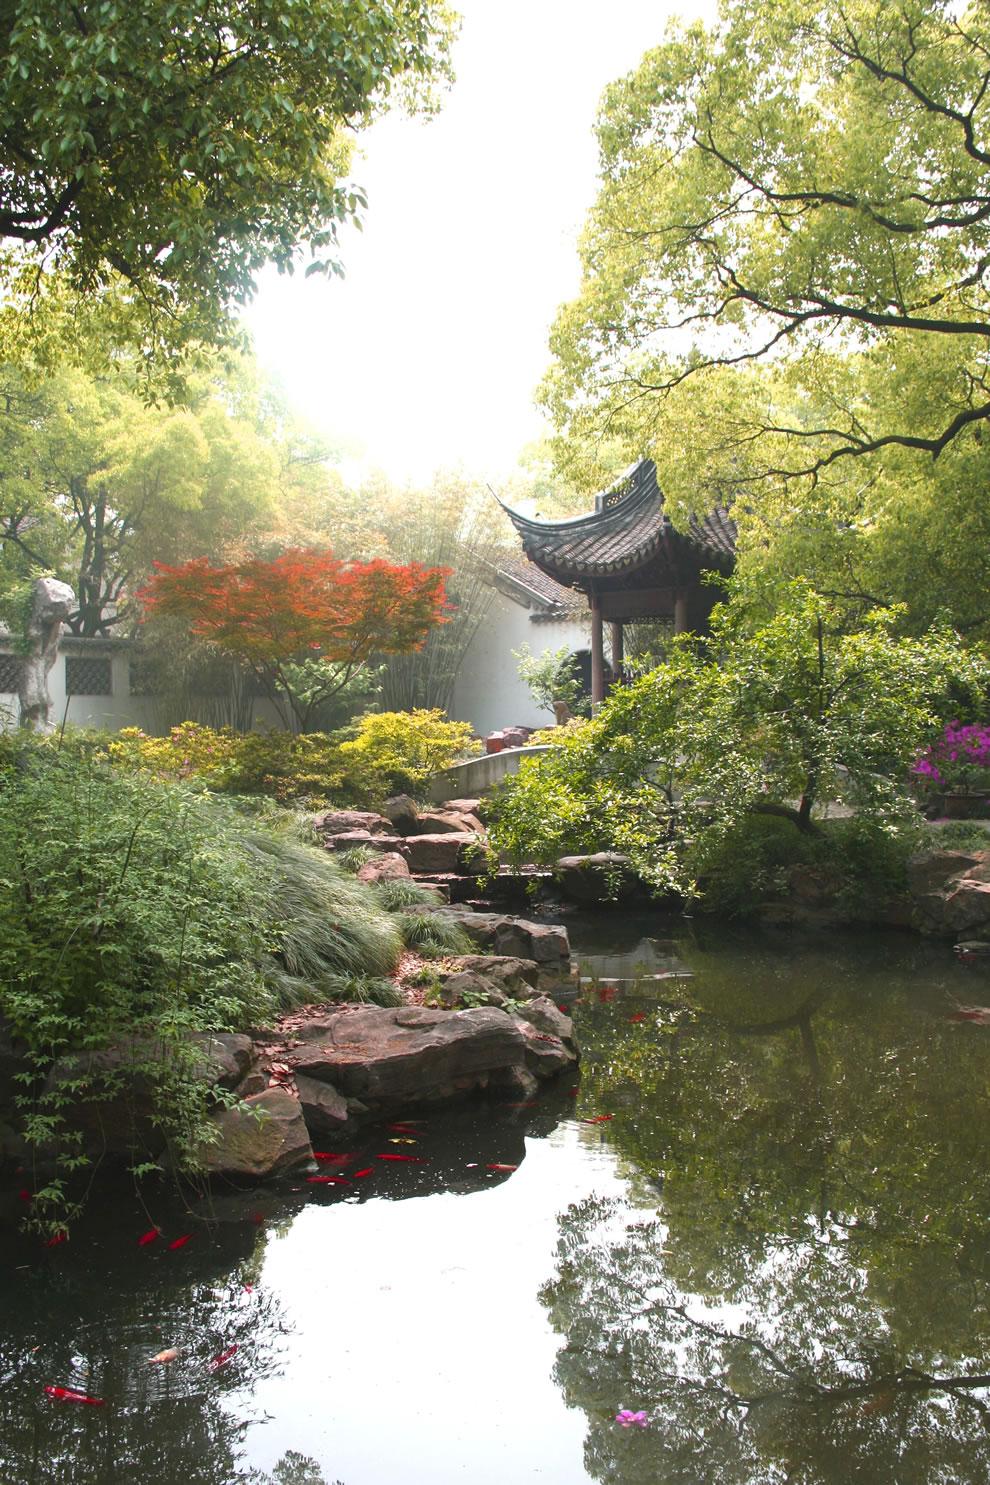 Jichang Yuan Garden - China